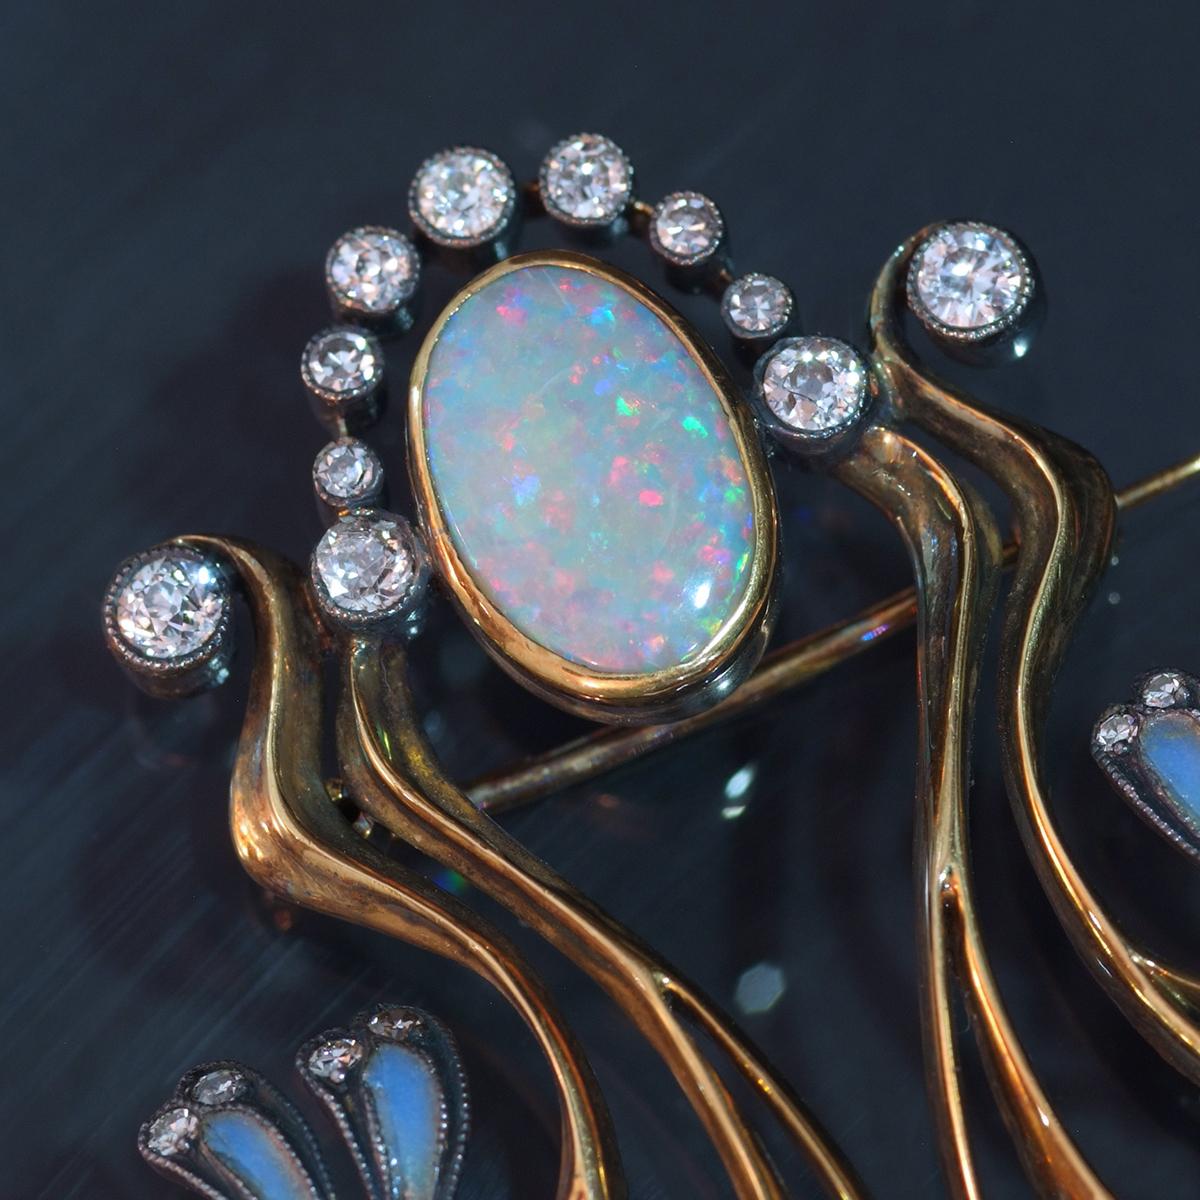 E9813【1900年頃】オパール 天然ダイヤモンド パール 最高級18金無垢アンティークセレブリティブローチ 重量15.38g 幅61.56×47.0mm_画像3